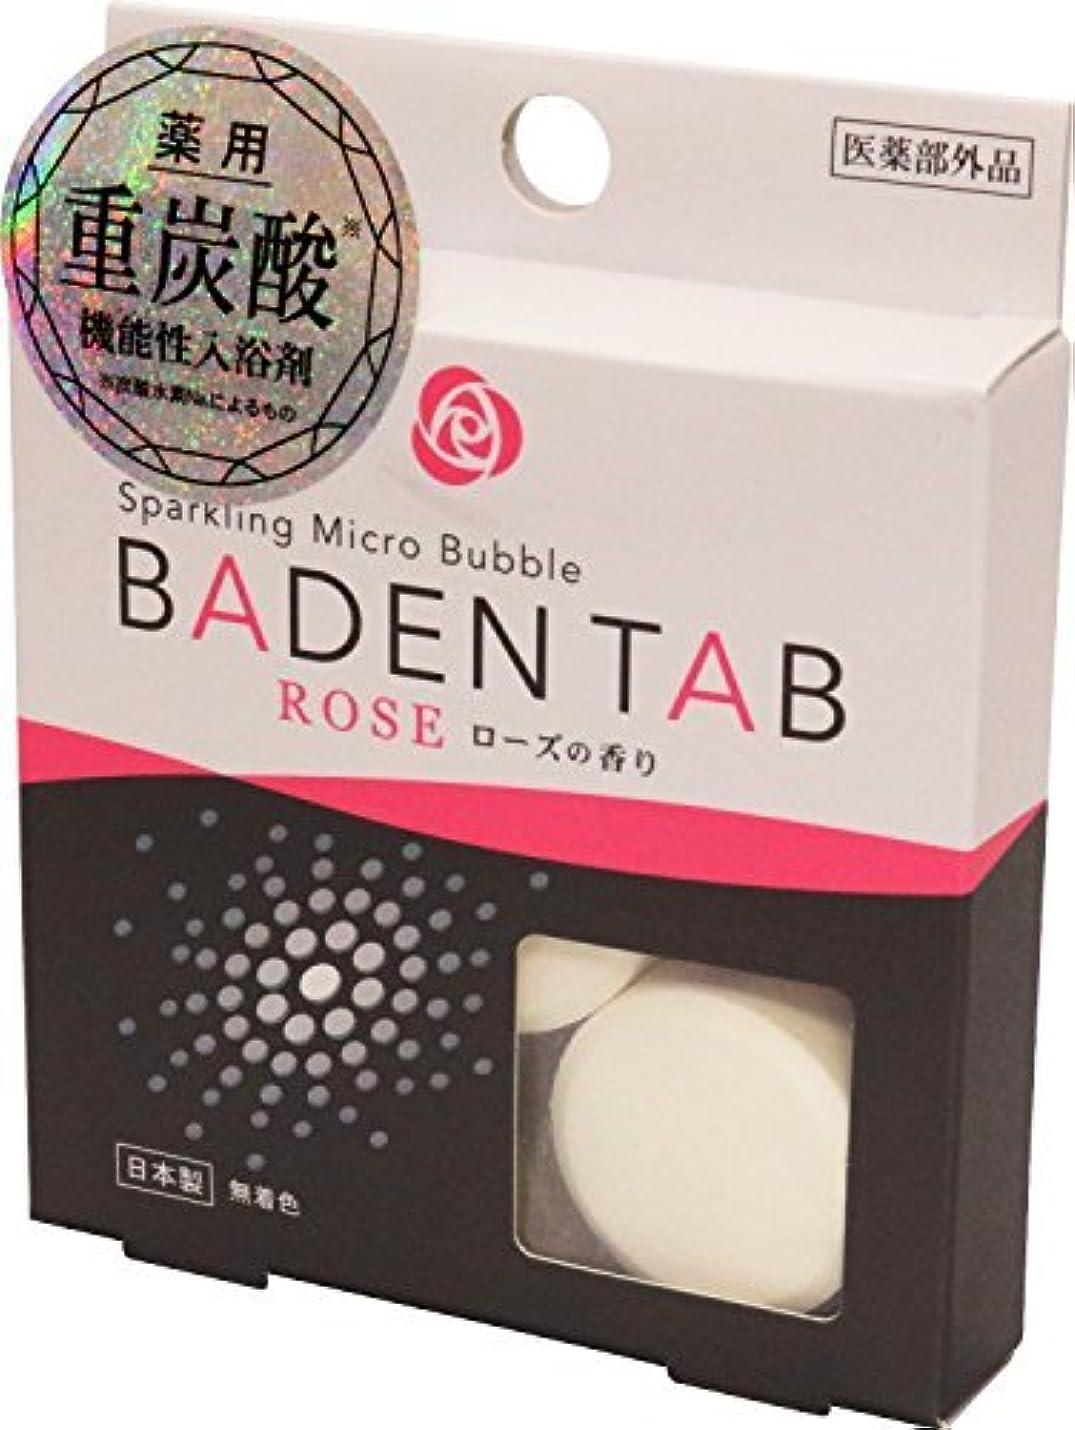 ルーム構成歯科の日本製 made in japan 薬用BadenTabローズの香り5錠1パック15gx5錠入 BT-8754 【まとめ買い12個セット】